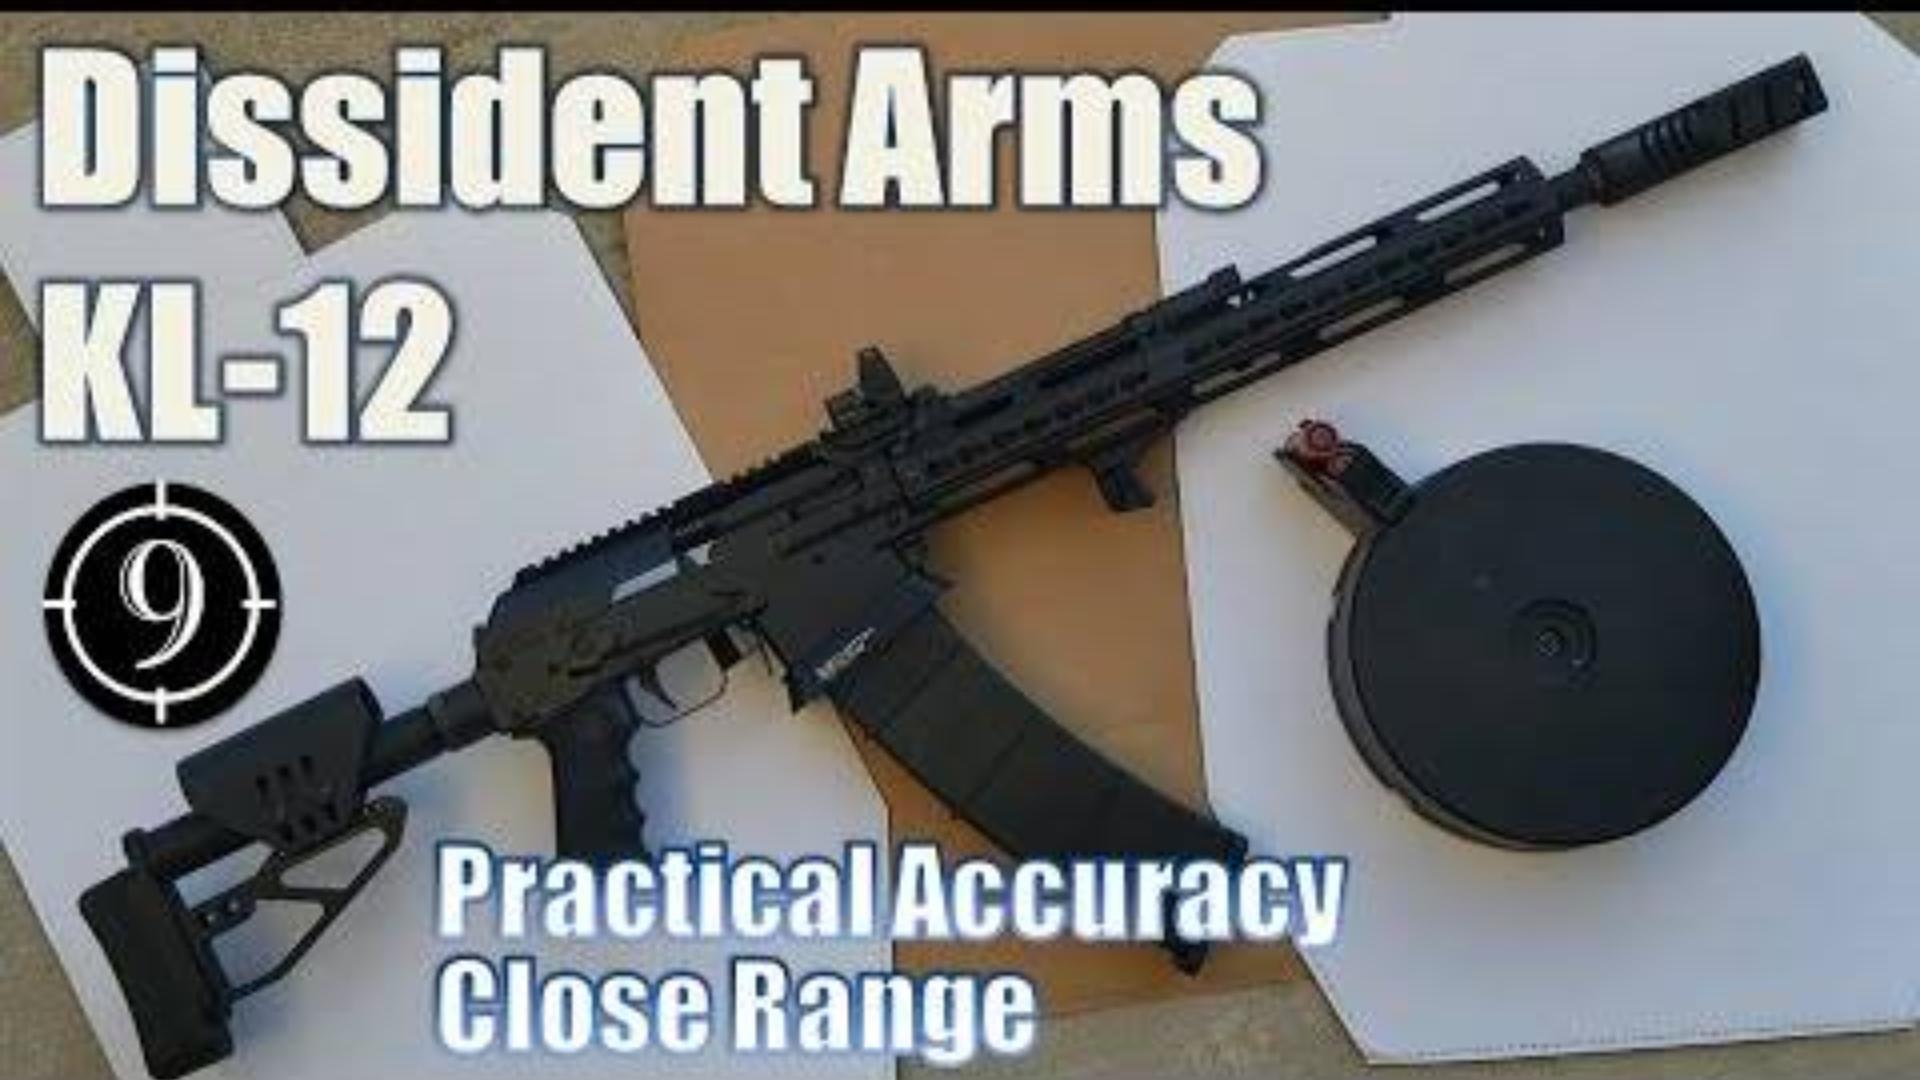 [9-Hole Reviews]KL-12霰弹枪近距离精准射击挑战